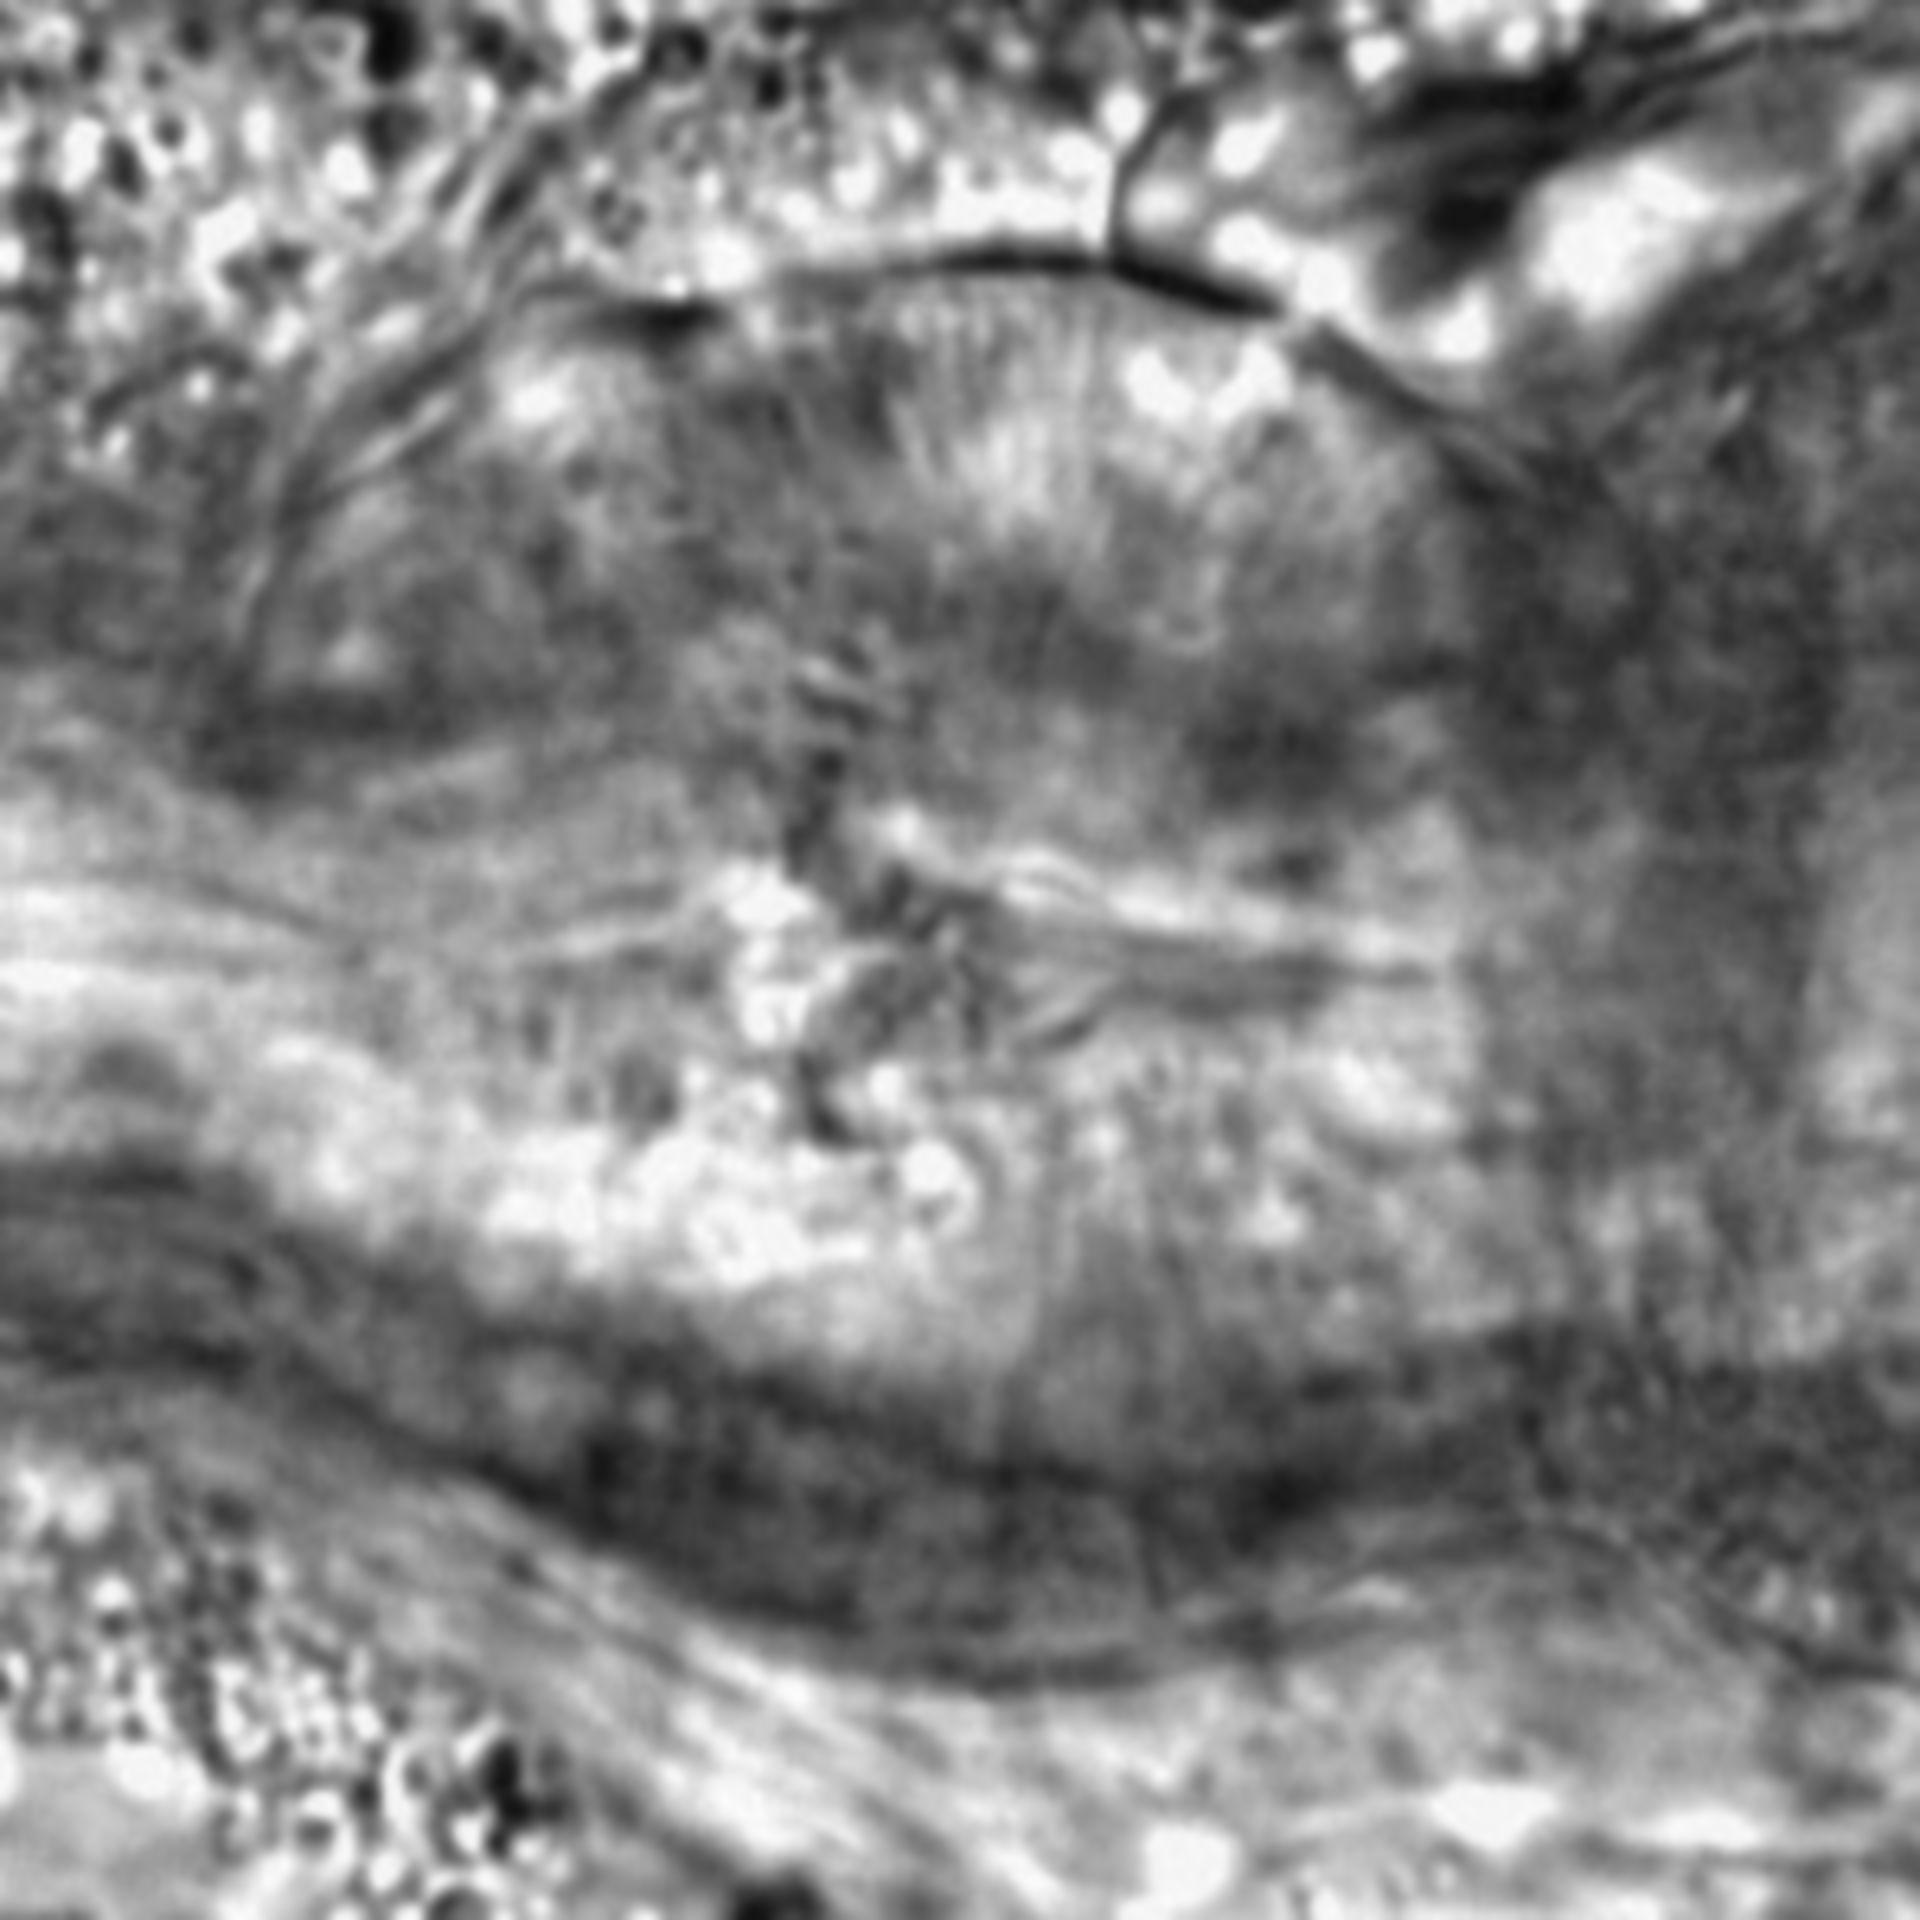 Caenorhabditis elegans - CIL:1913